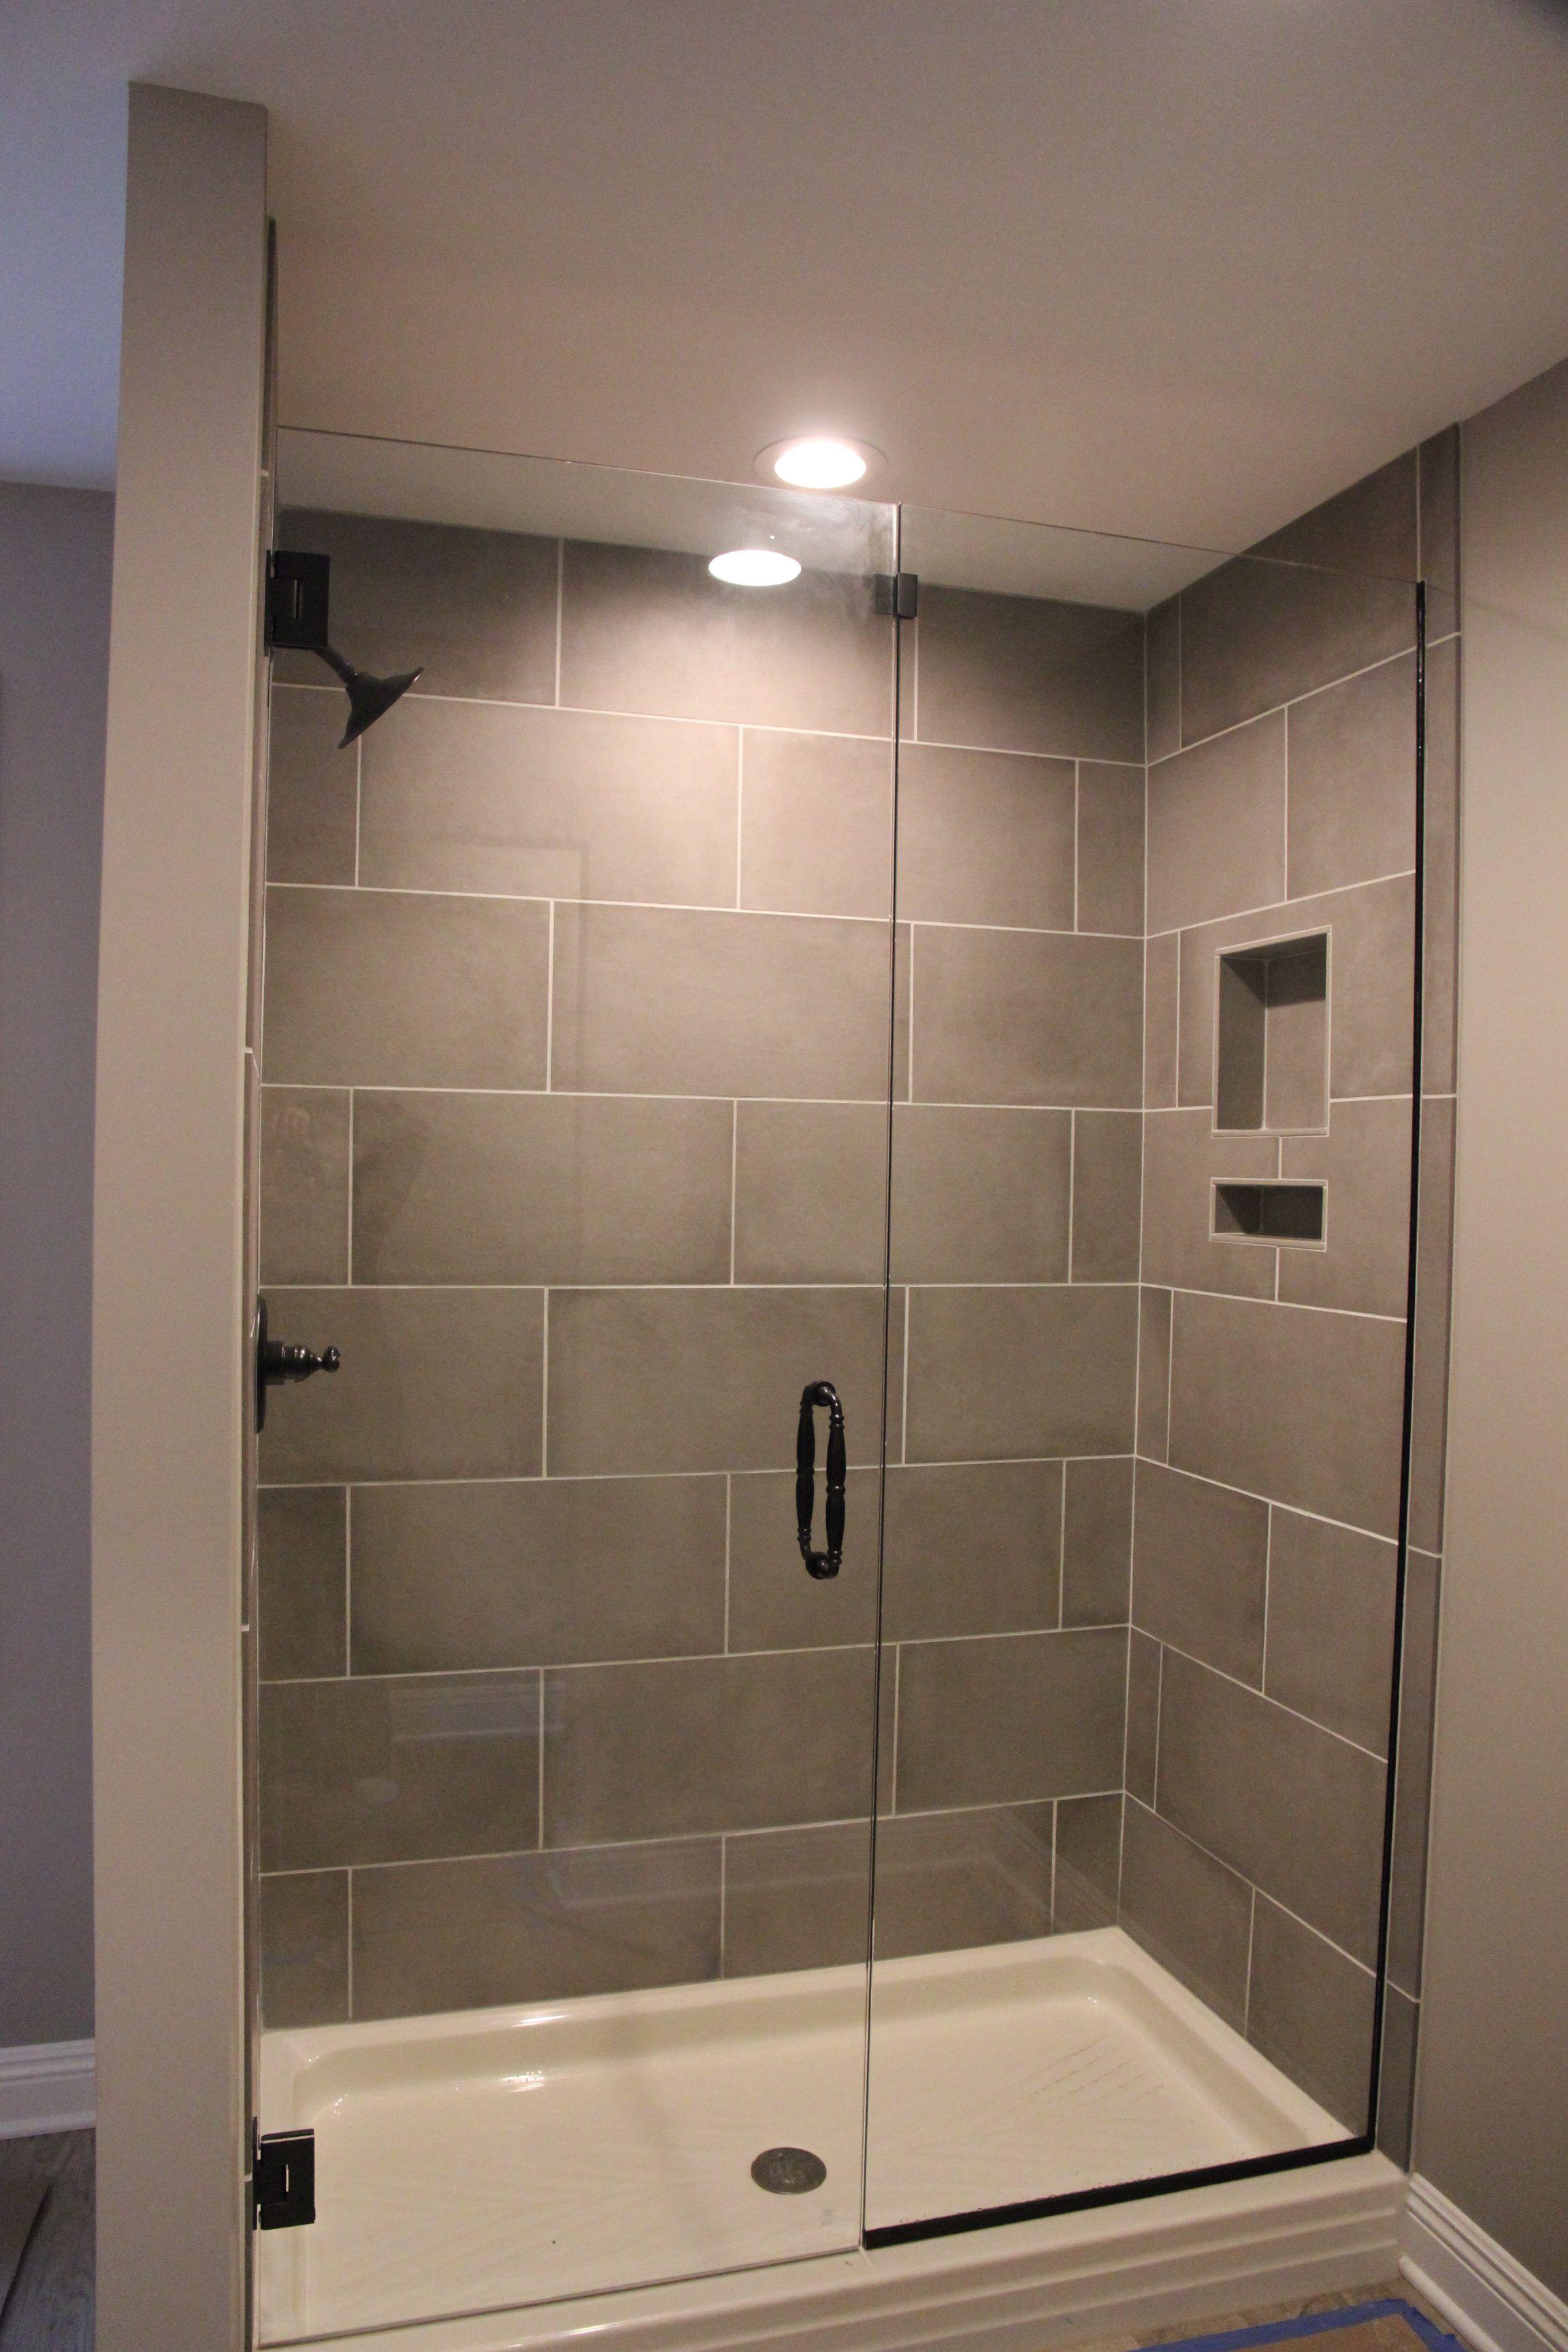 23 Vanities Bathroom Ideas To Get Your Best Bathroom Remodel